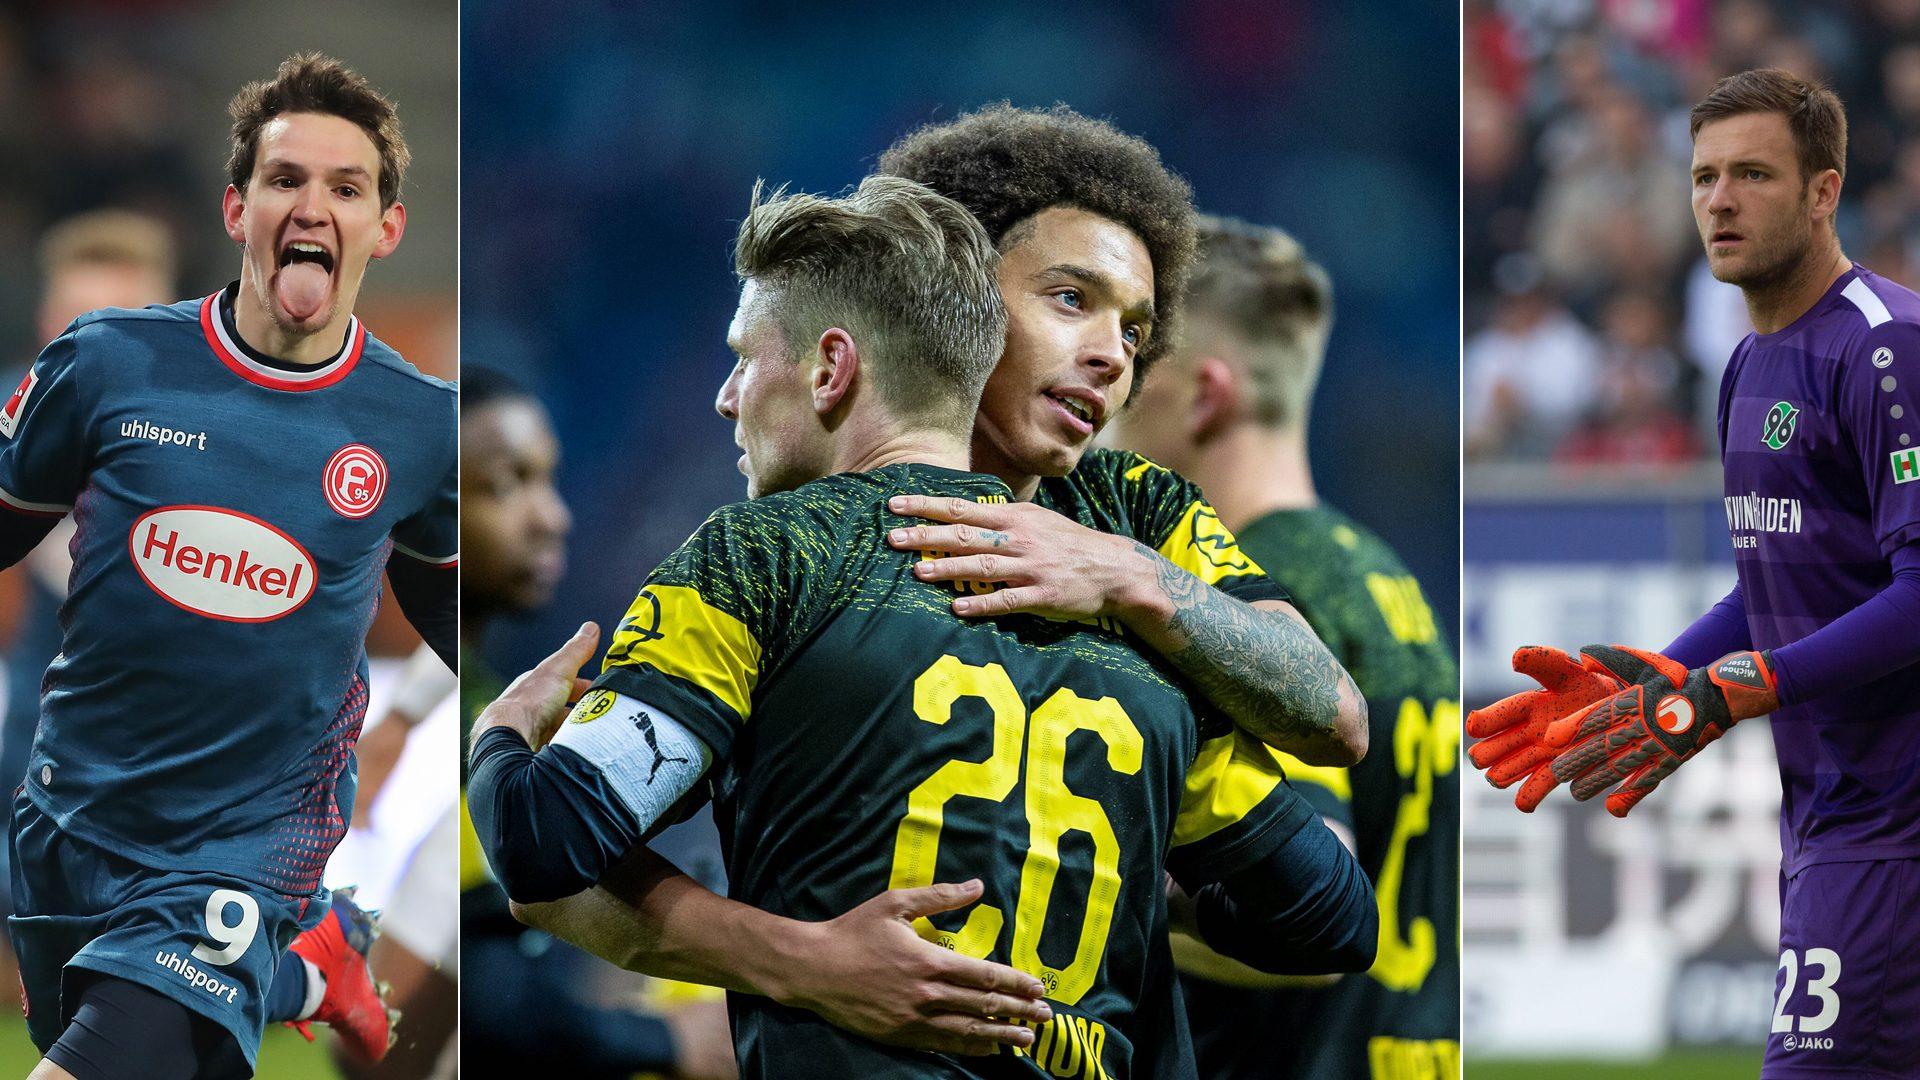 Darüber spricht die Bundesliga am 18. Spieltag